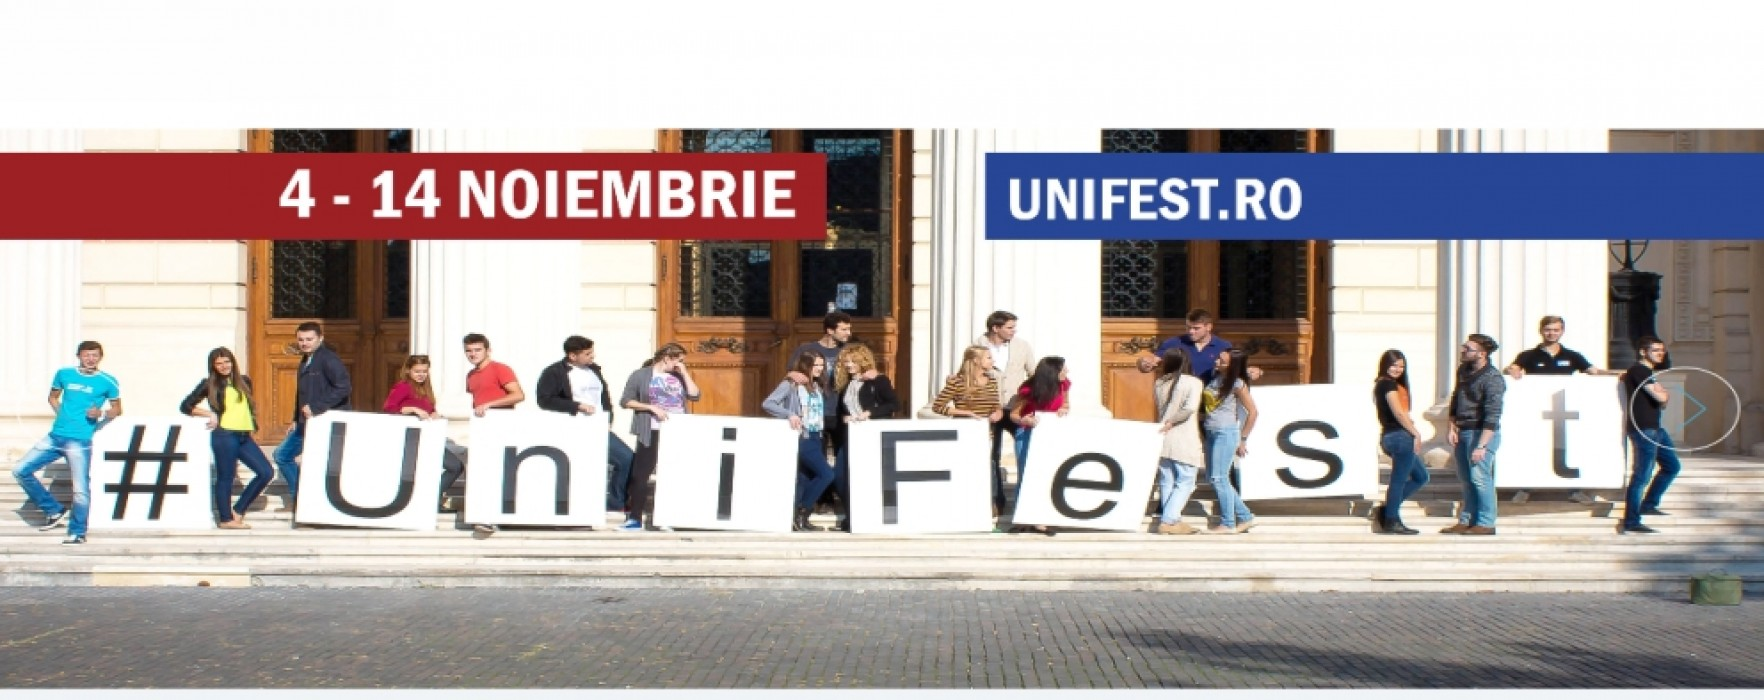 Festivalul studenţesc UniFEST începe marţi la Târgoviște